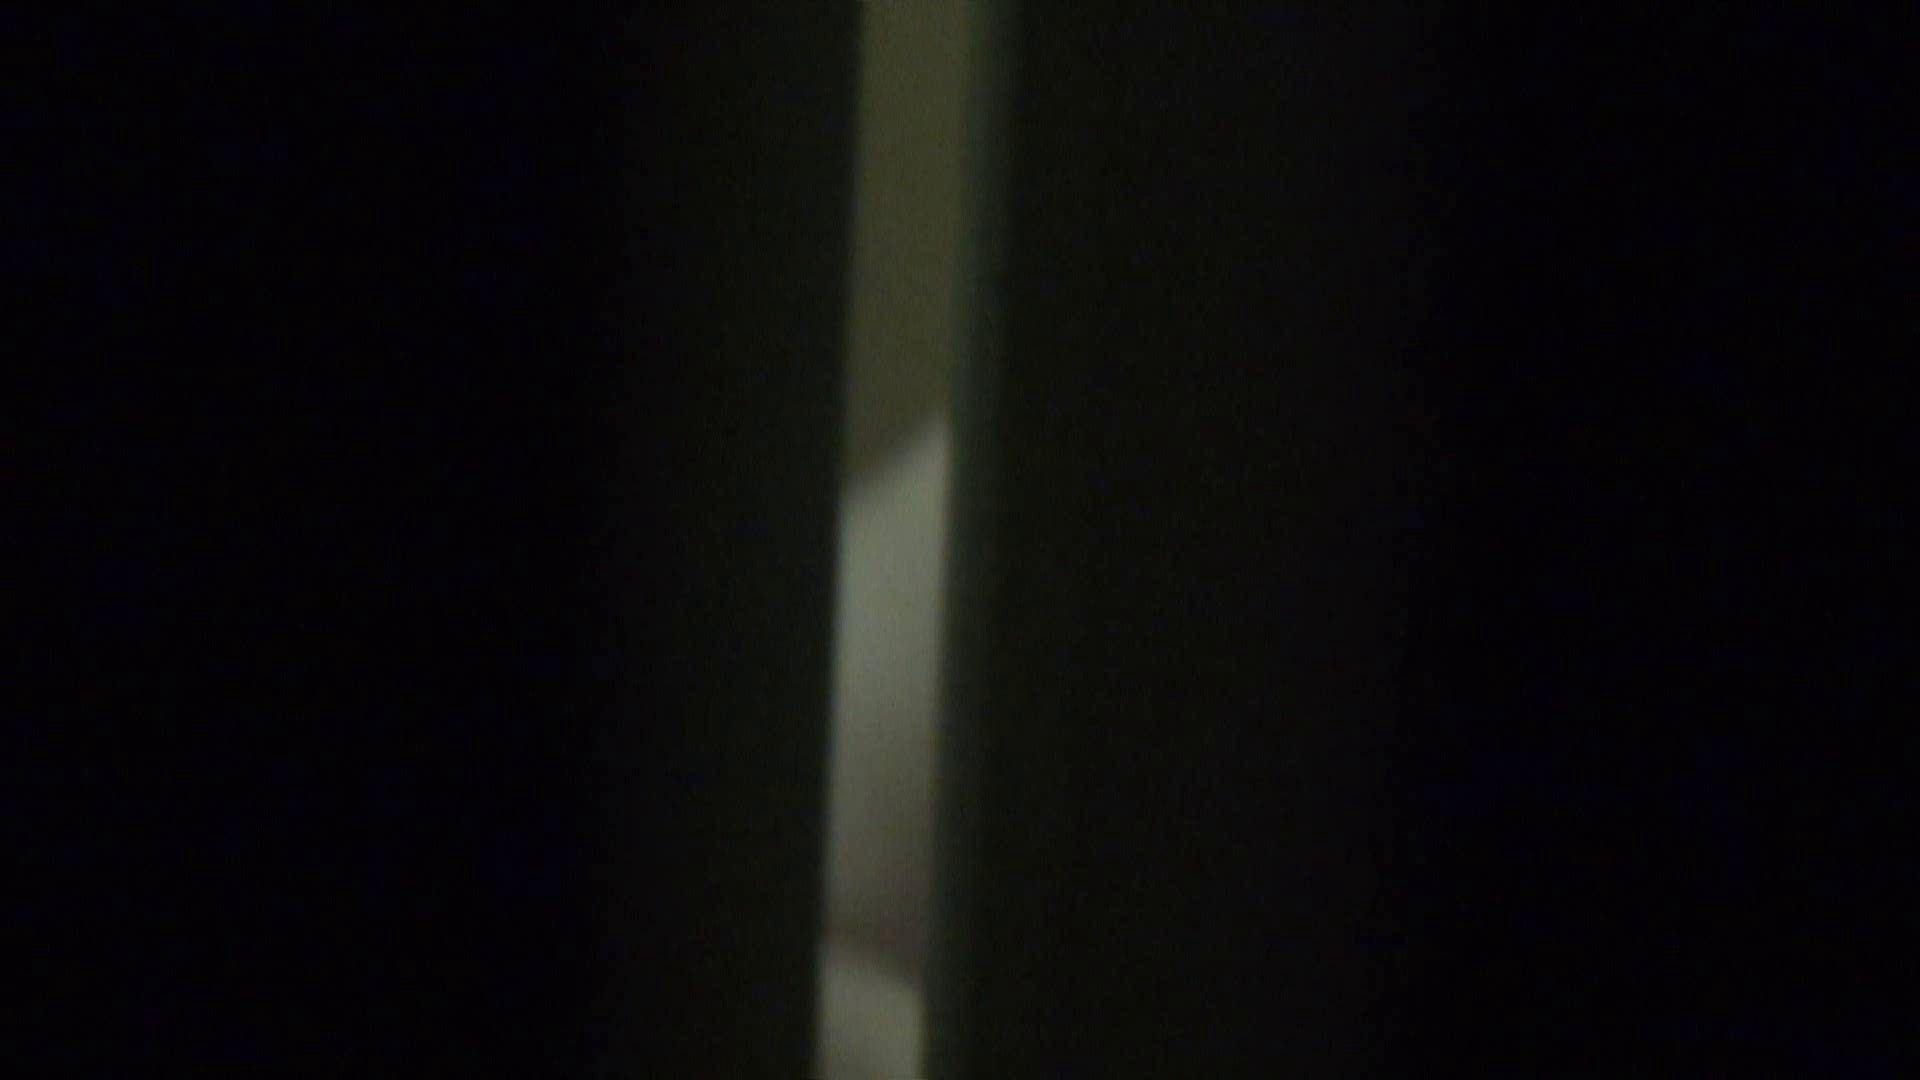 民家の騎士さんの最後の性戦ハイビジョン!!No.58 シャワー | 民家でお風呂  90連発 13